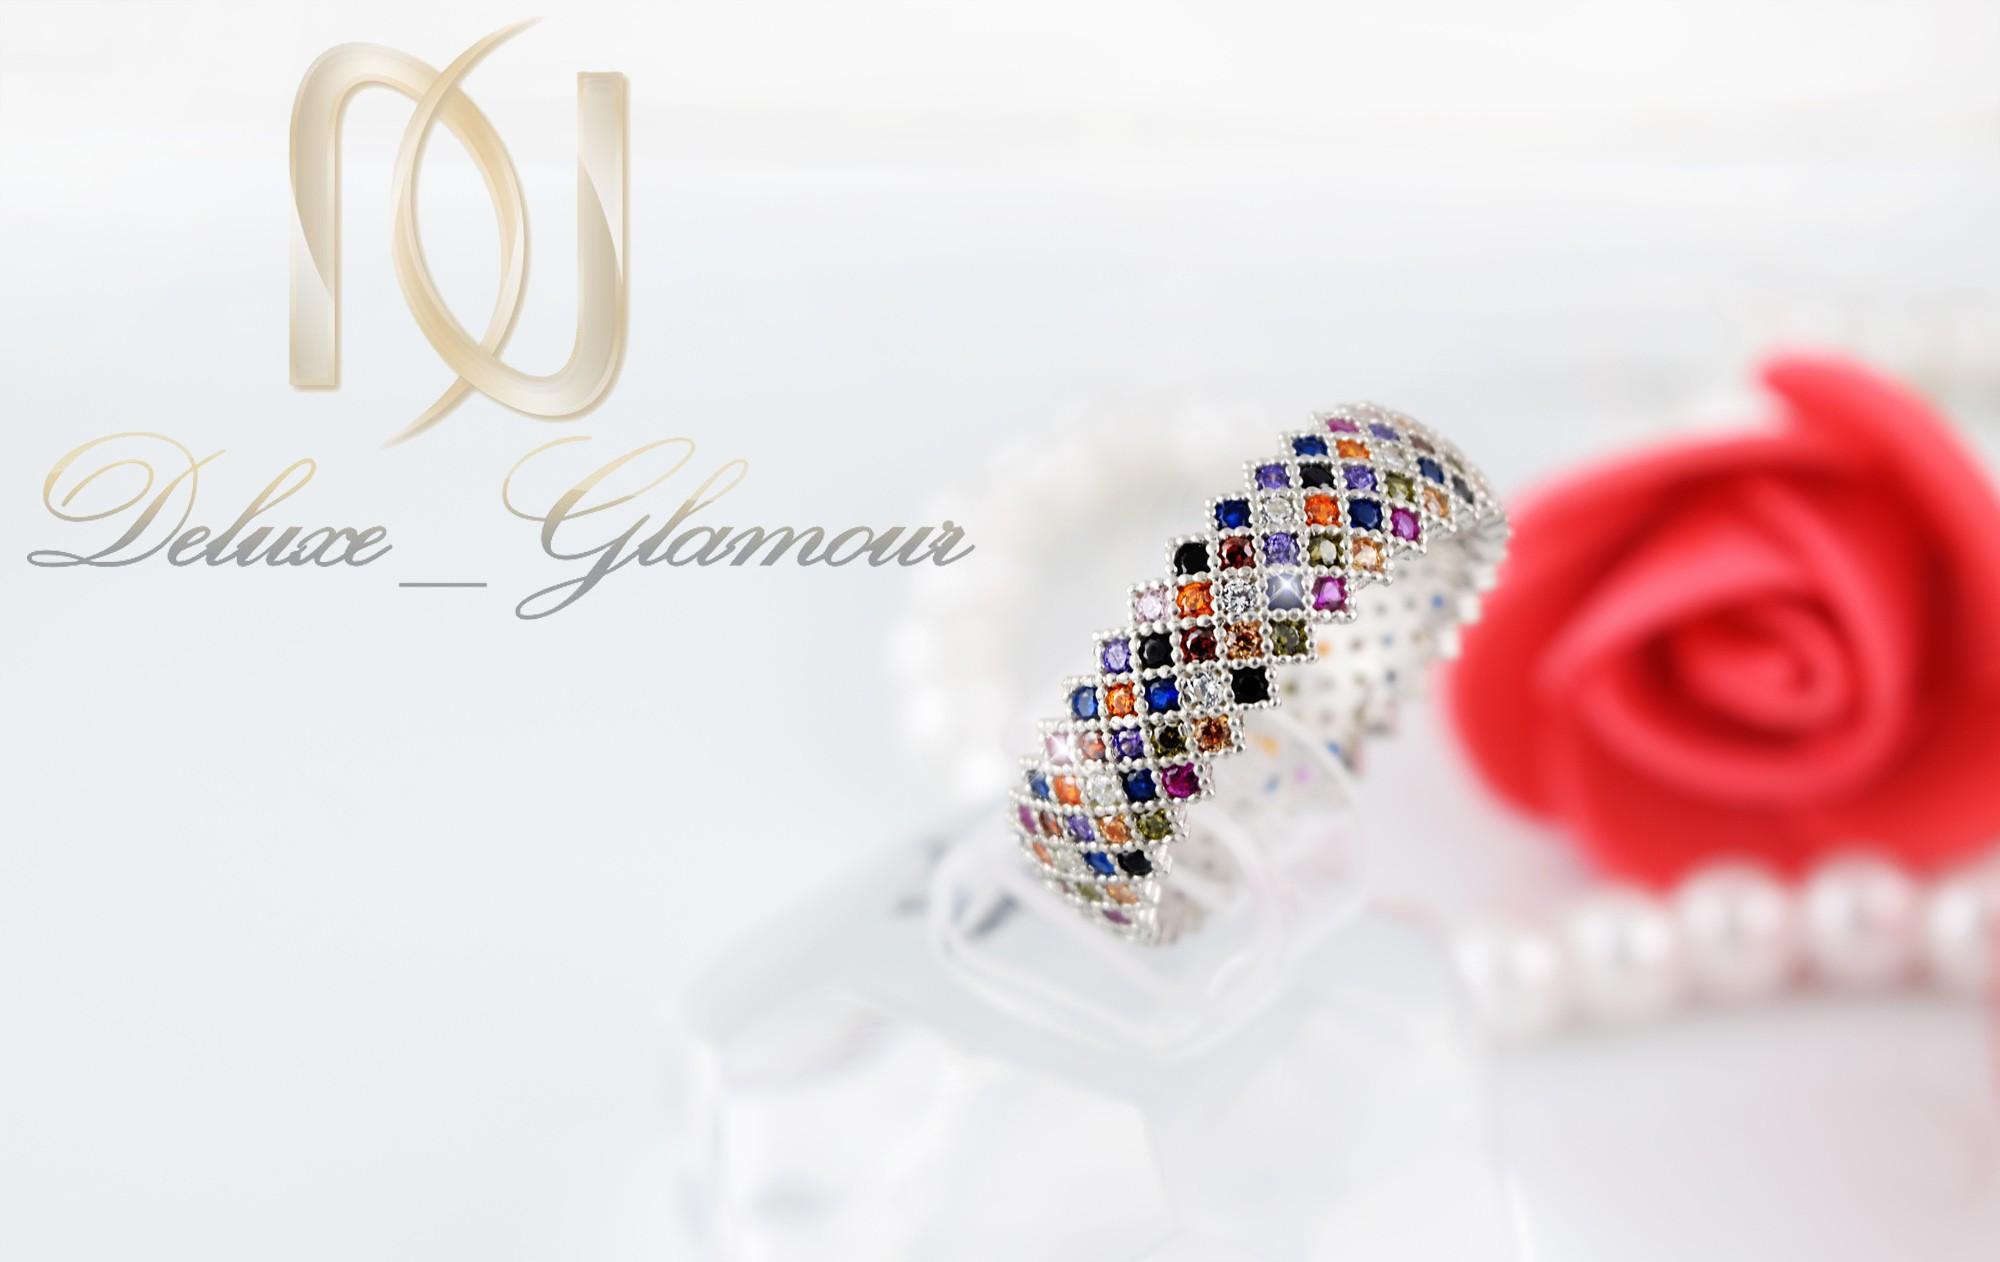 خرید انگشتر نقره ظریف دخترانه رنگارنگ با نگین های برلیان اتمی Rg-n255- عکس اصلی